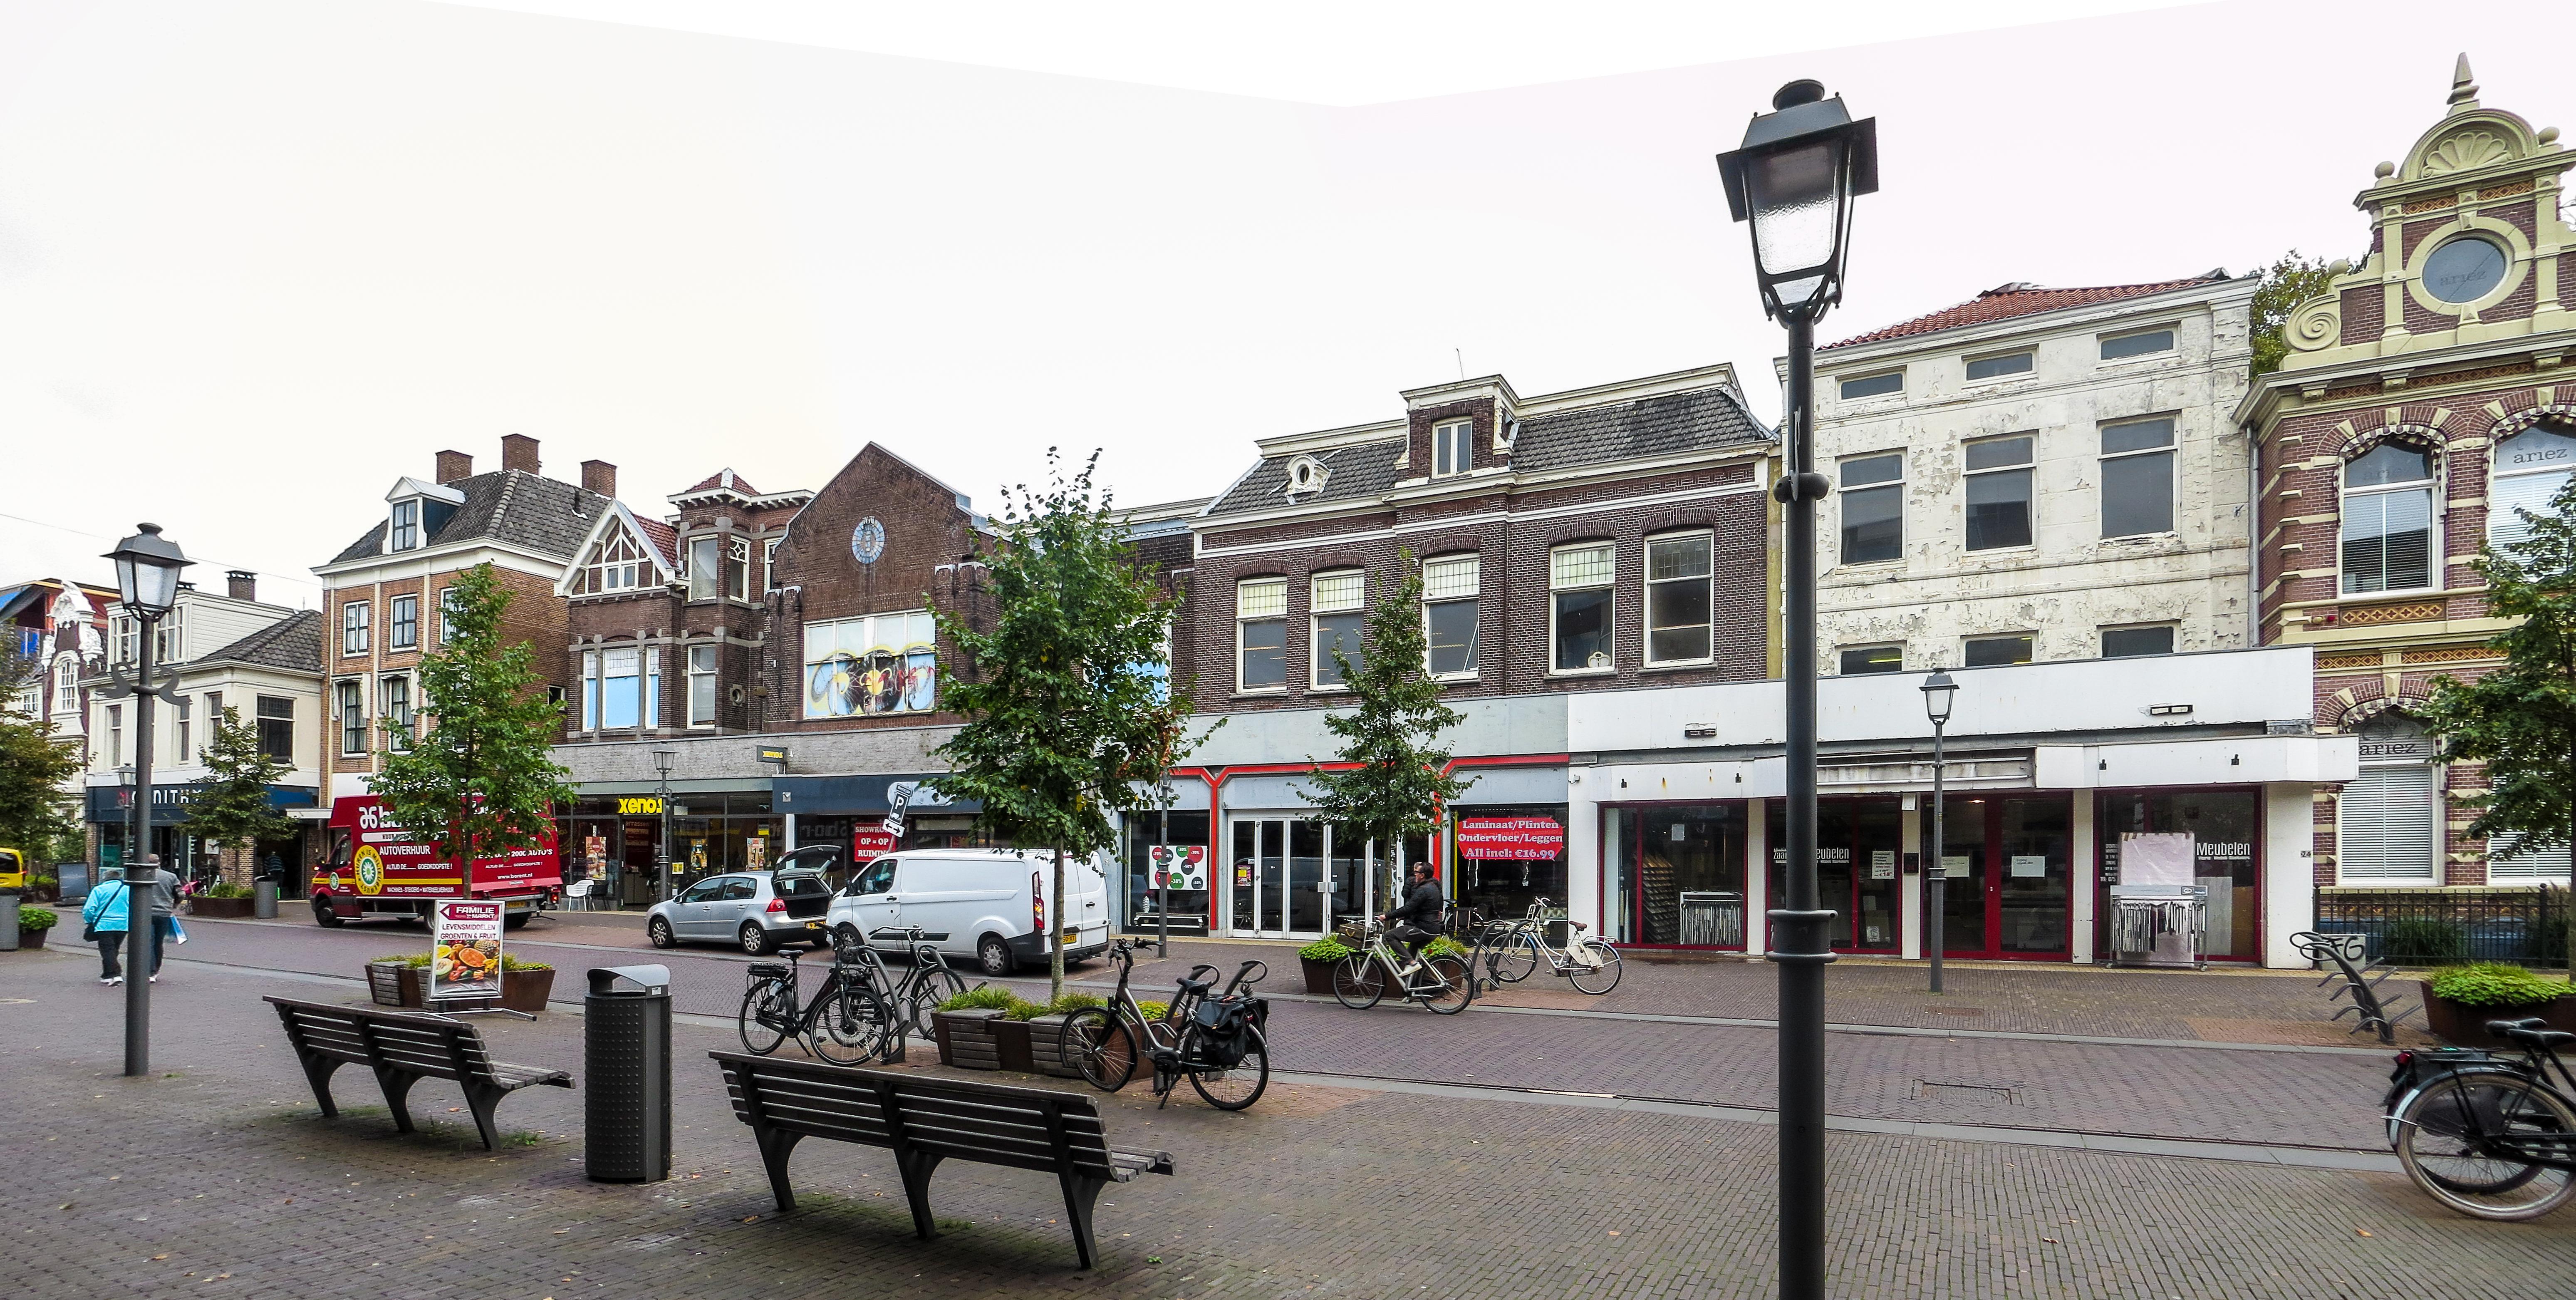 Nieuwbouw op 'niet florissant stukje' Westzijde Zaandam: appartementen en hotel vervangen snookercentrum en winkels